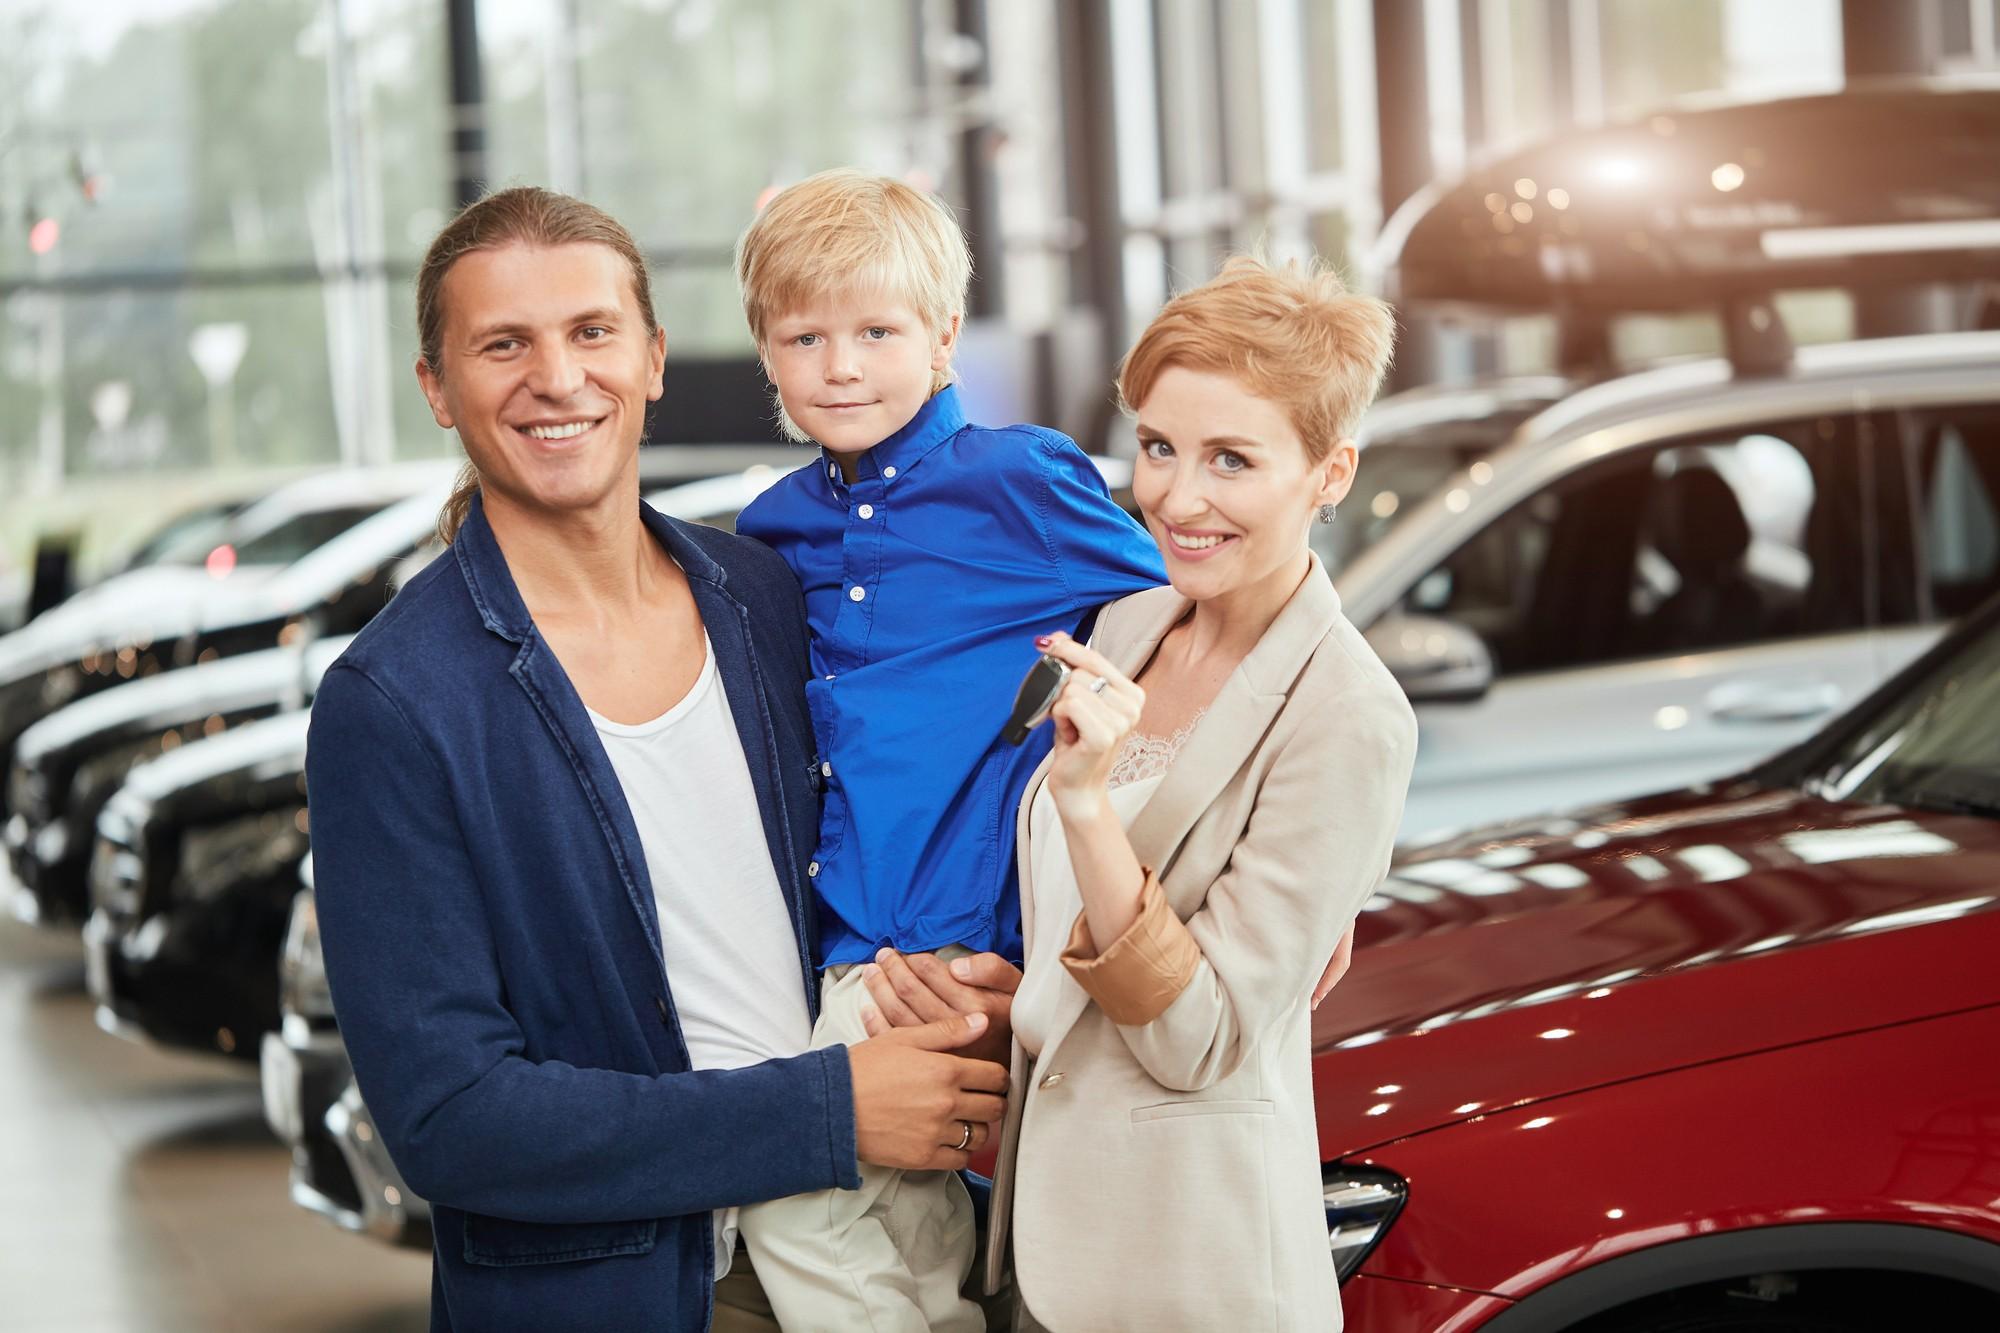 ネクステージ「SUV LAND千葉」とは?特徴や口コミを解説